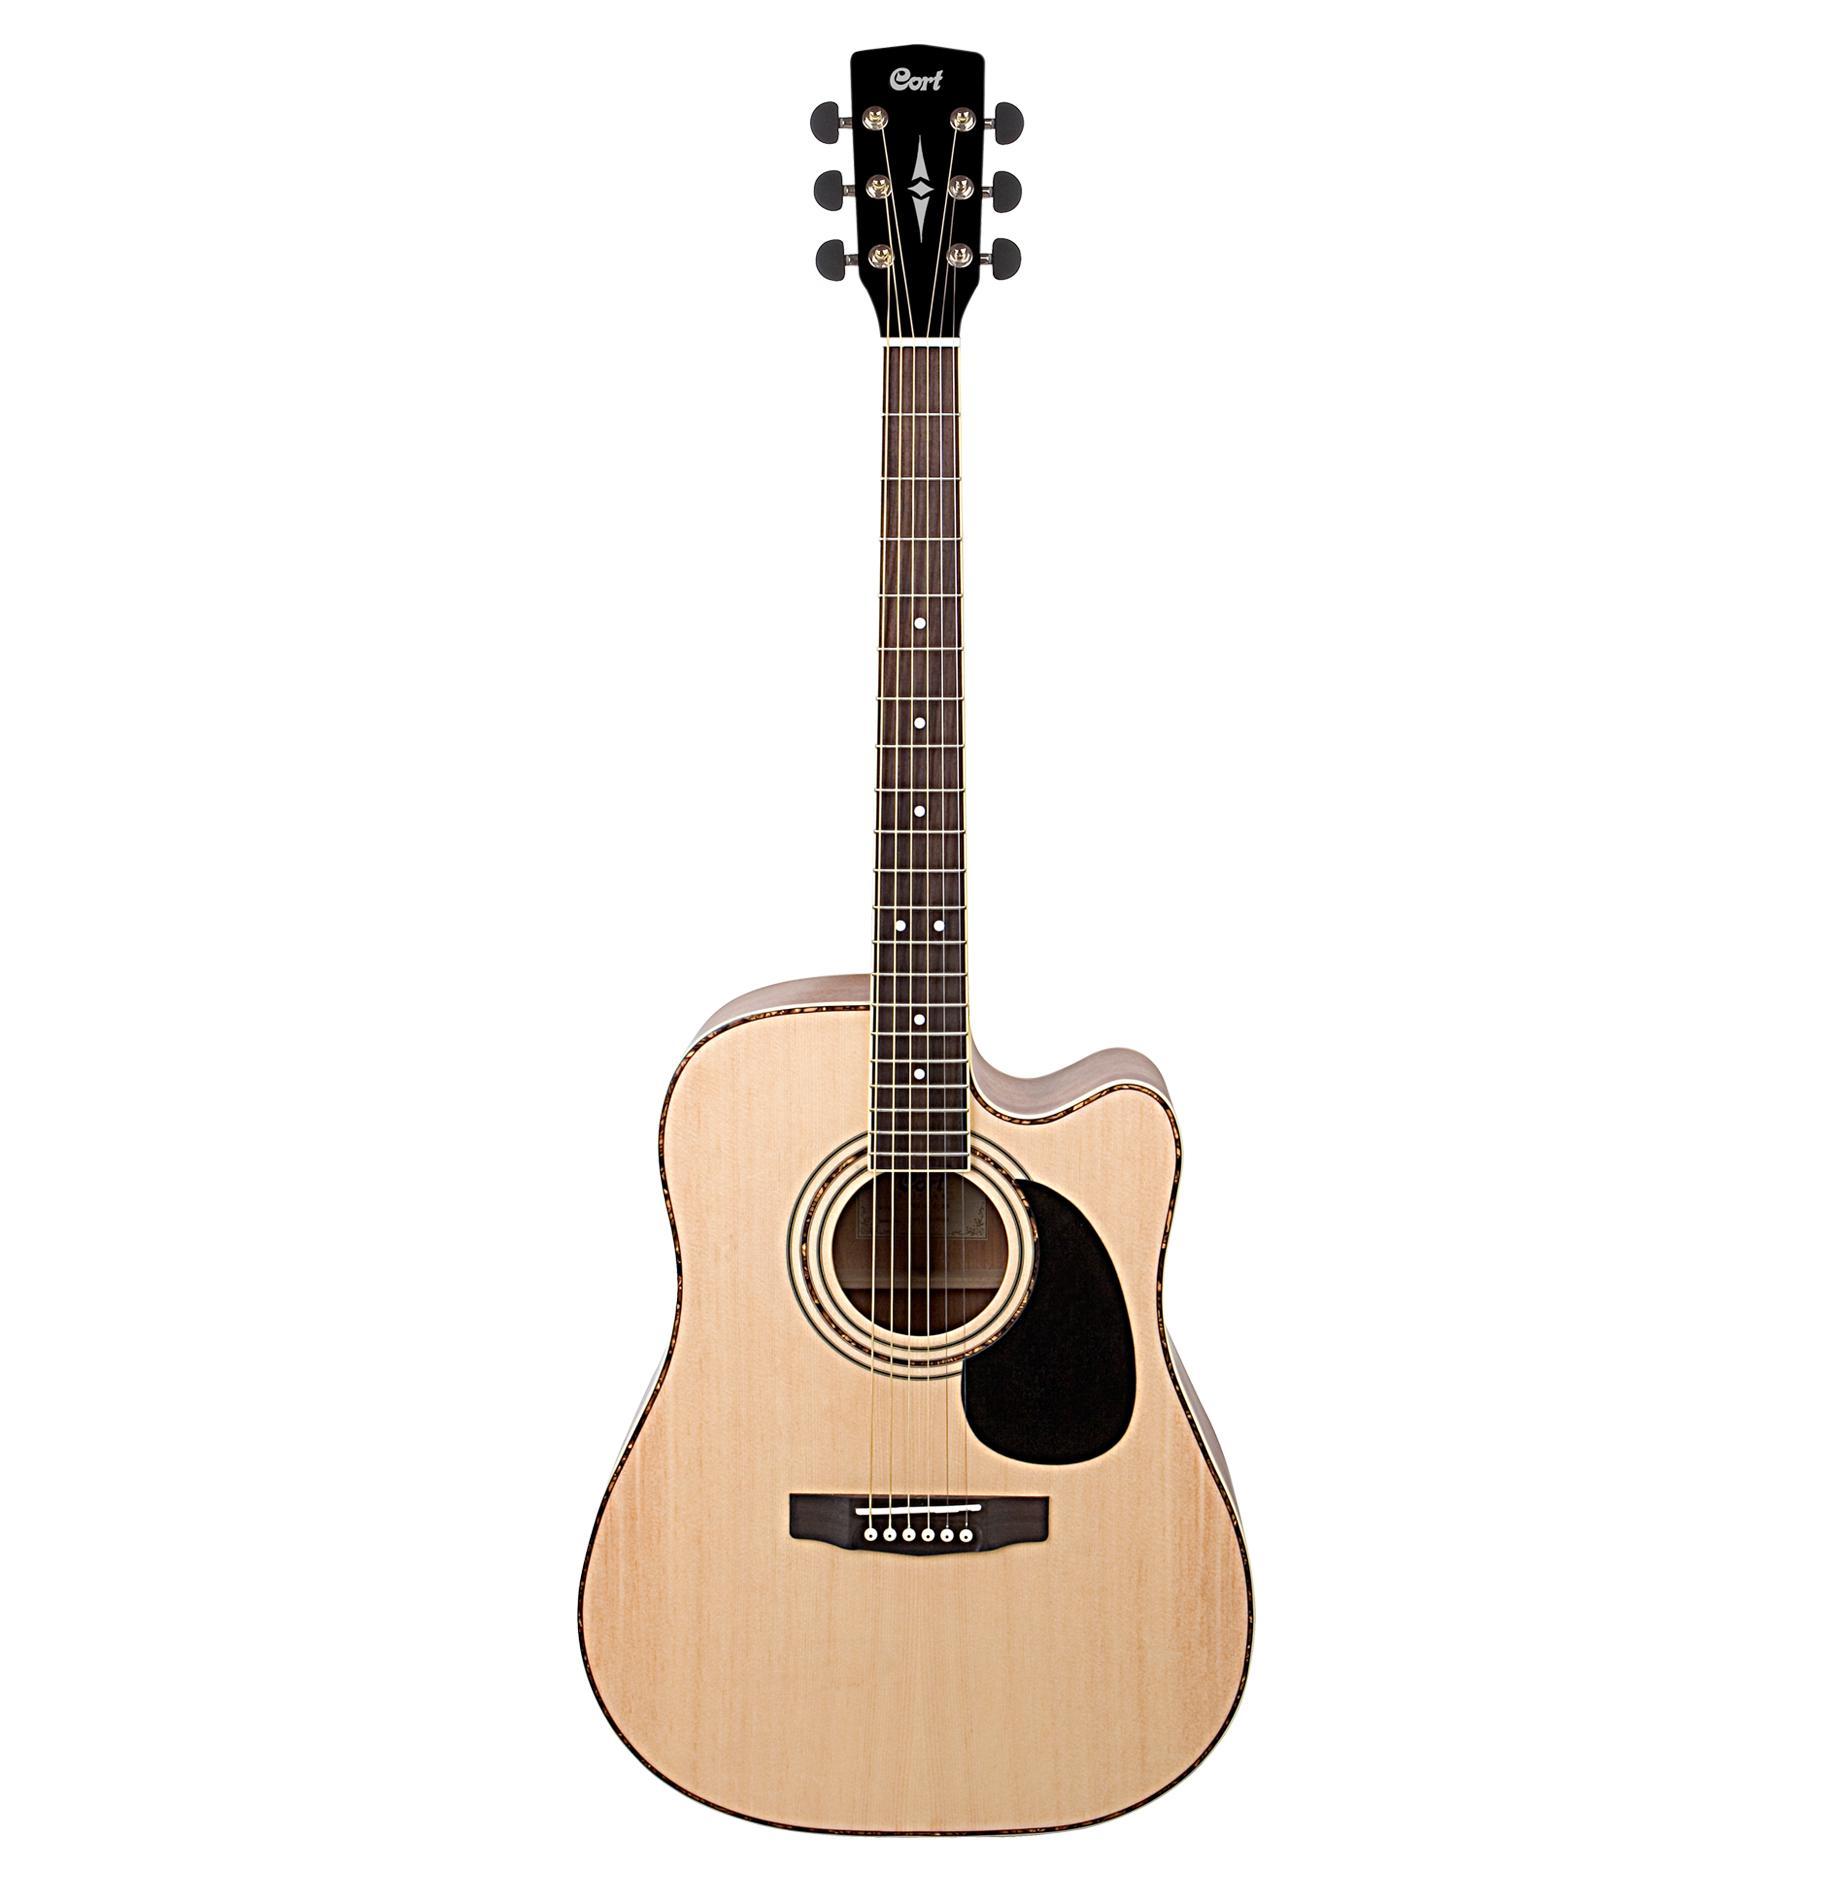 Nhạc cụ đàn guitar Acoustic Cort AD880CE NS - Duy Guitar Store đàn ghi-ta đệm hát giá tốt